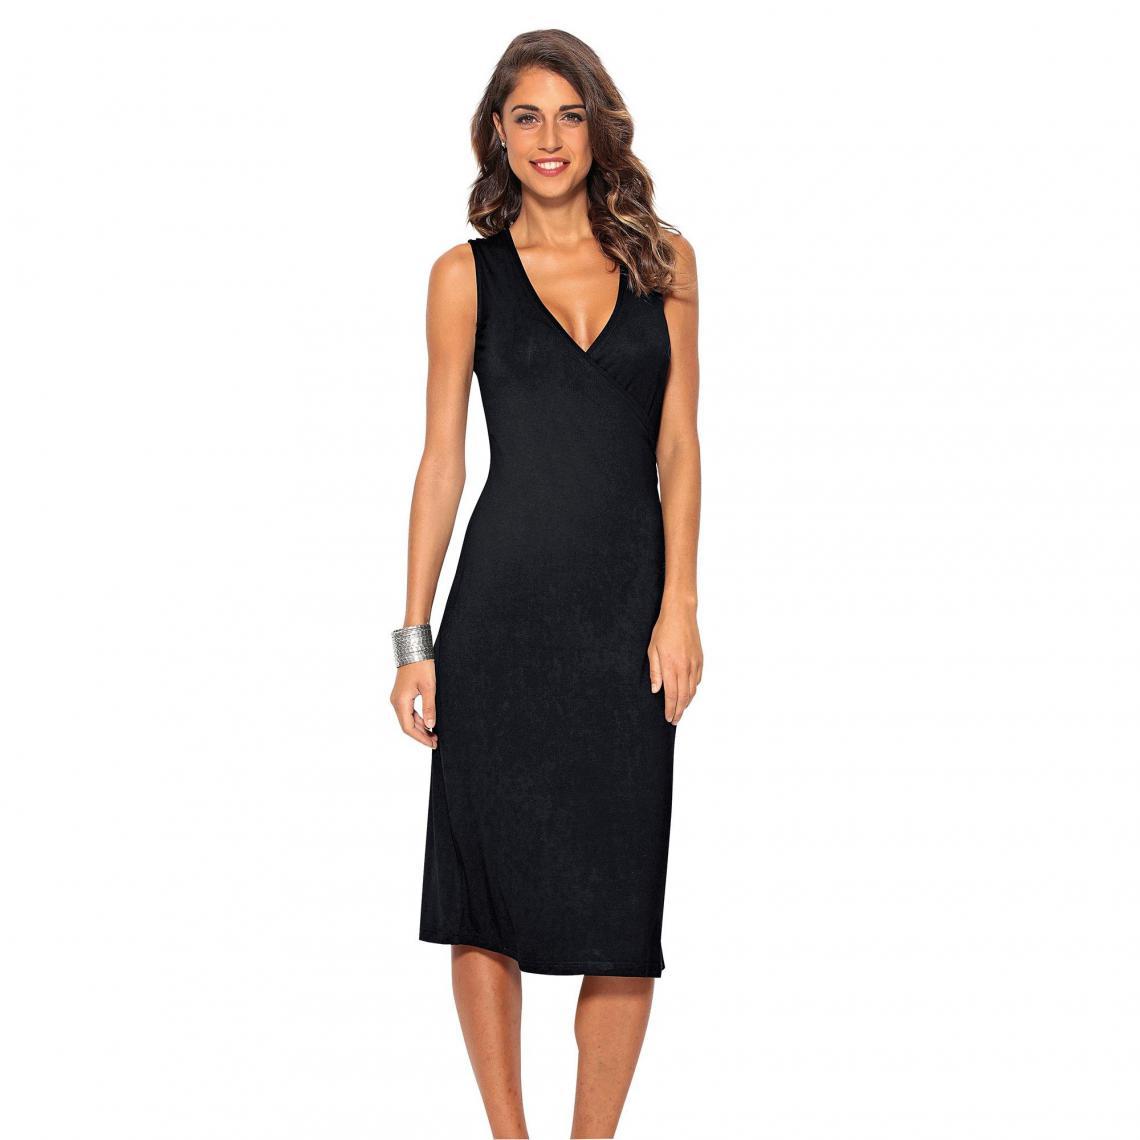 3suisses Mi Longue Femme Suisses Noir Robe Exclusivité 3 zxwzq